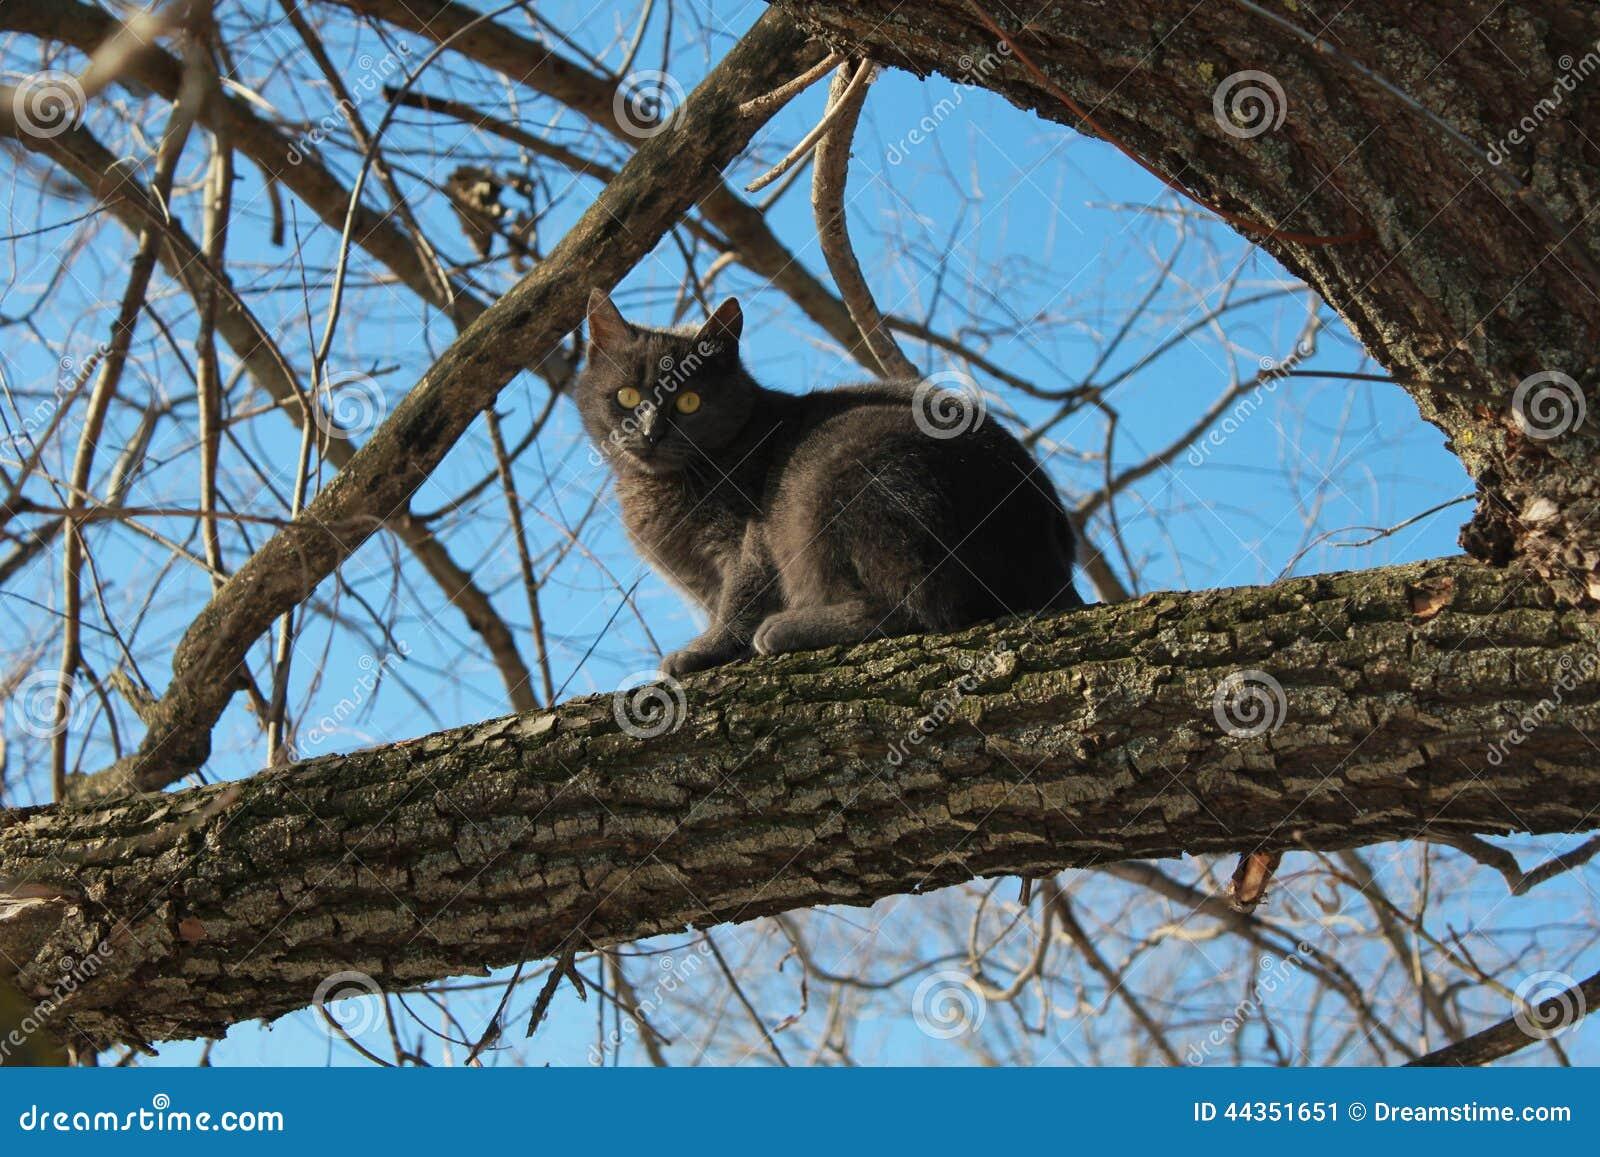 Animali domestici, gatto grigio, cielo blu, animali, sotto il cielo aperto